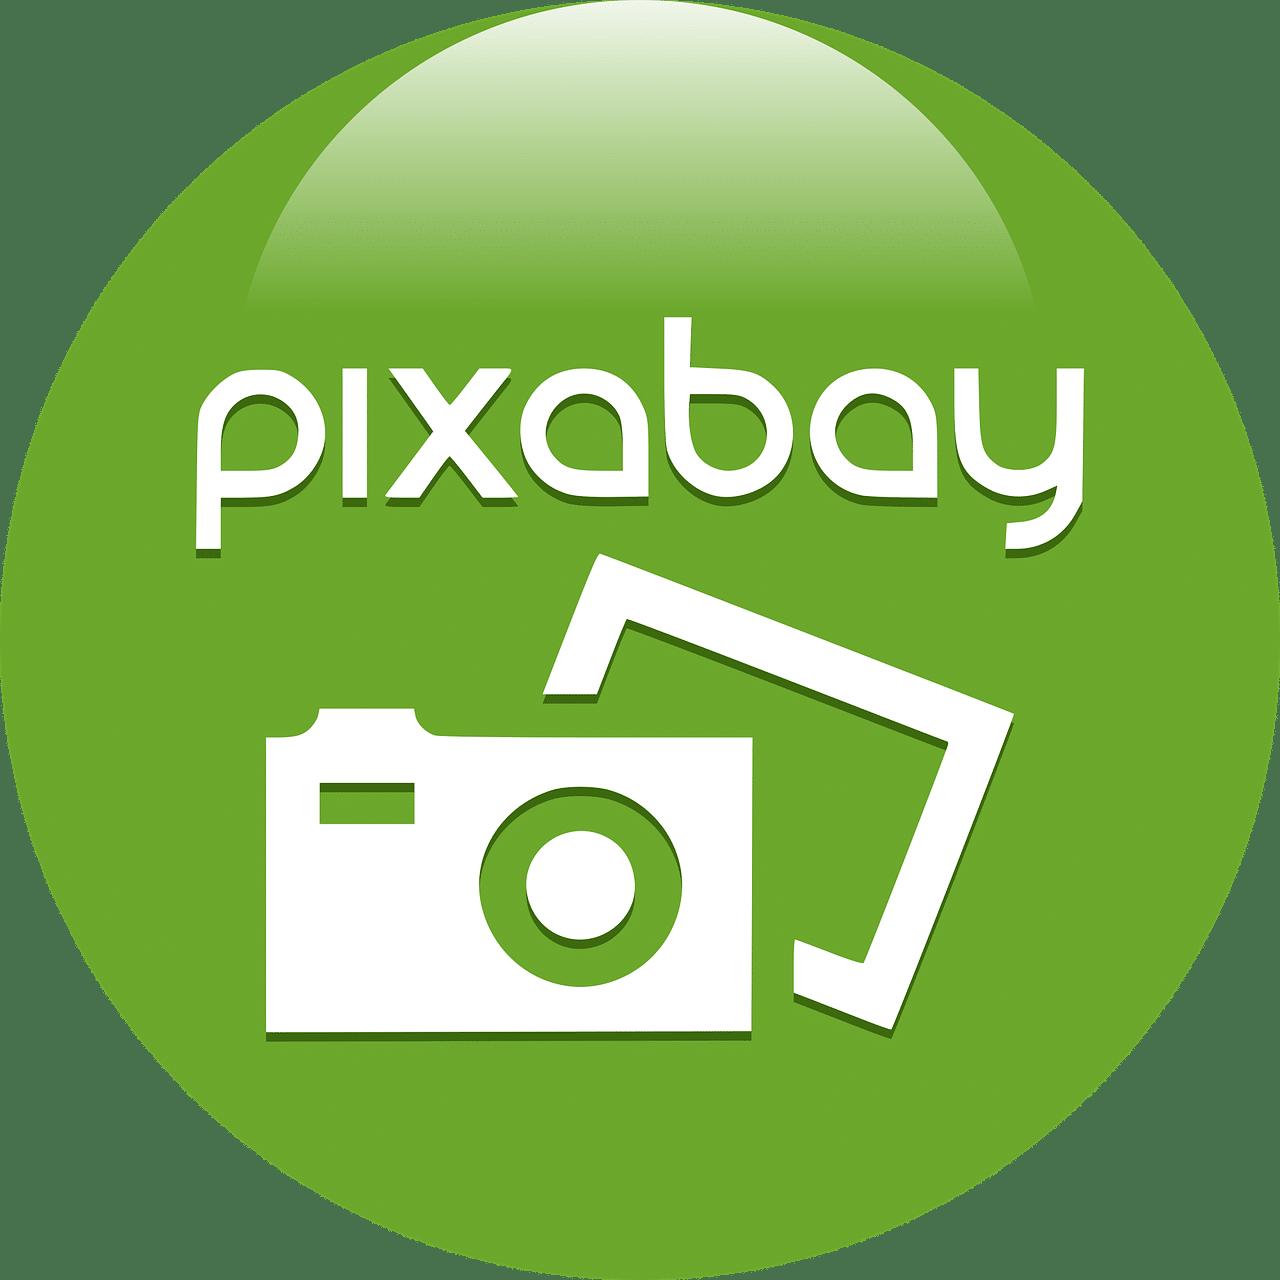 Imagens gratuitas no PIxabay